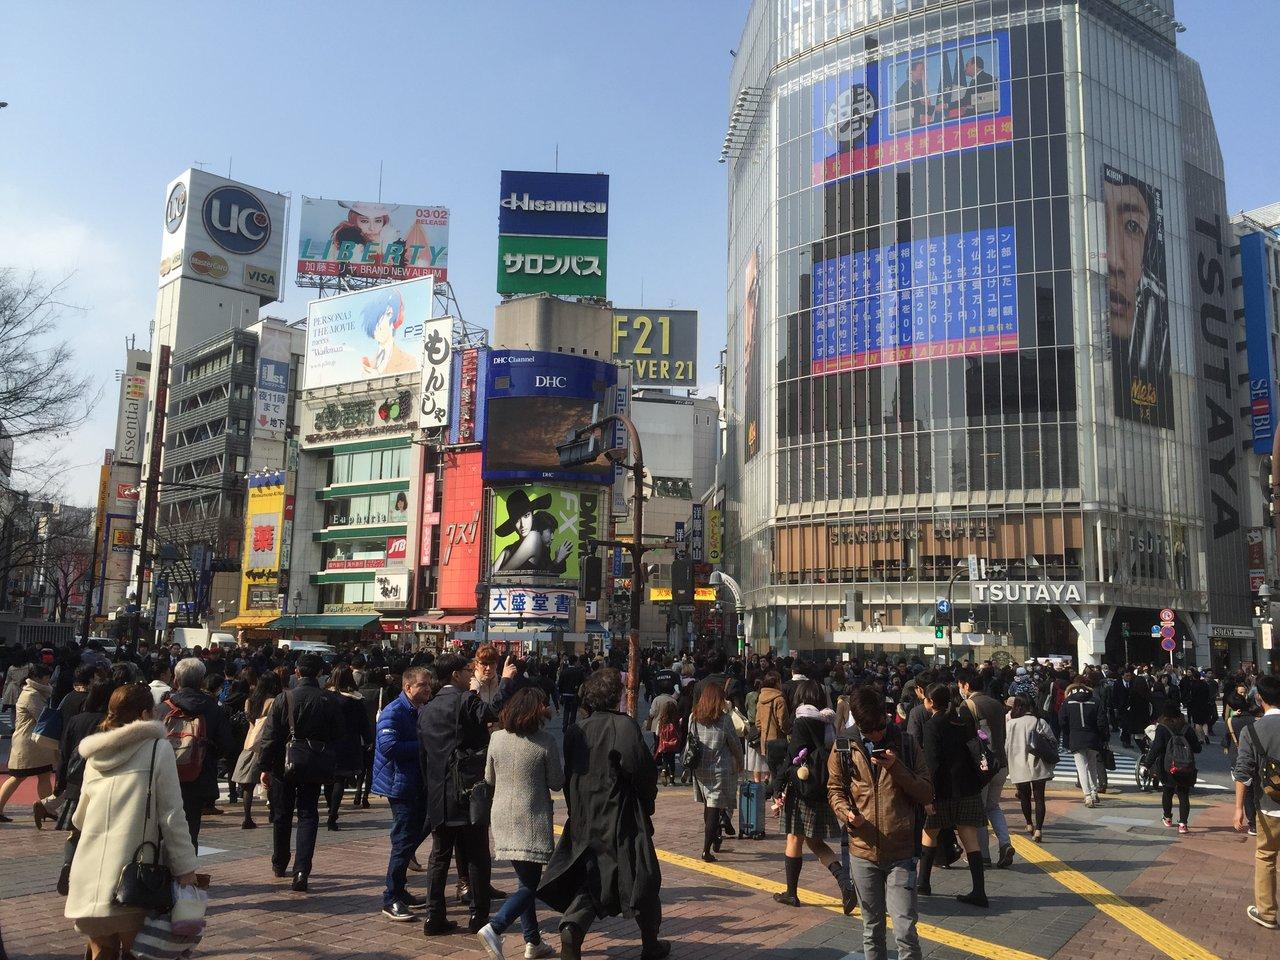 外国人にとって「渋谷クロス」はクロスタワーではなく、スクランブル交差点のことだった